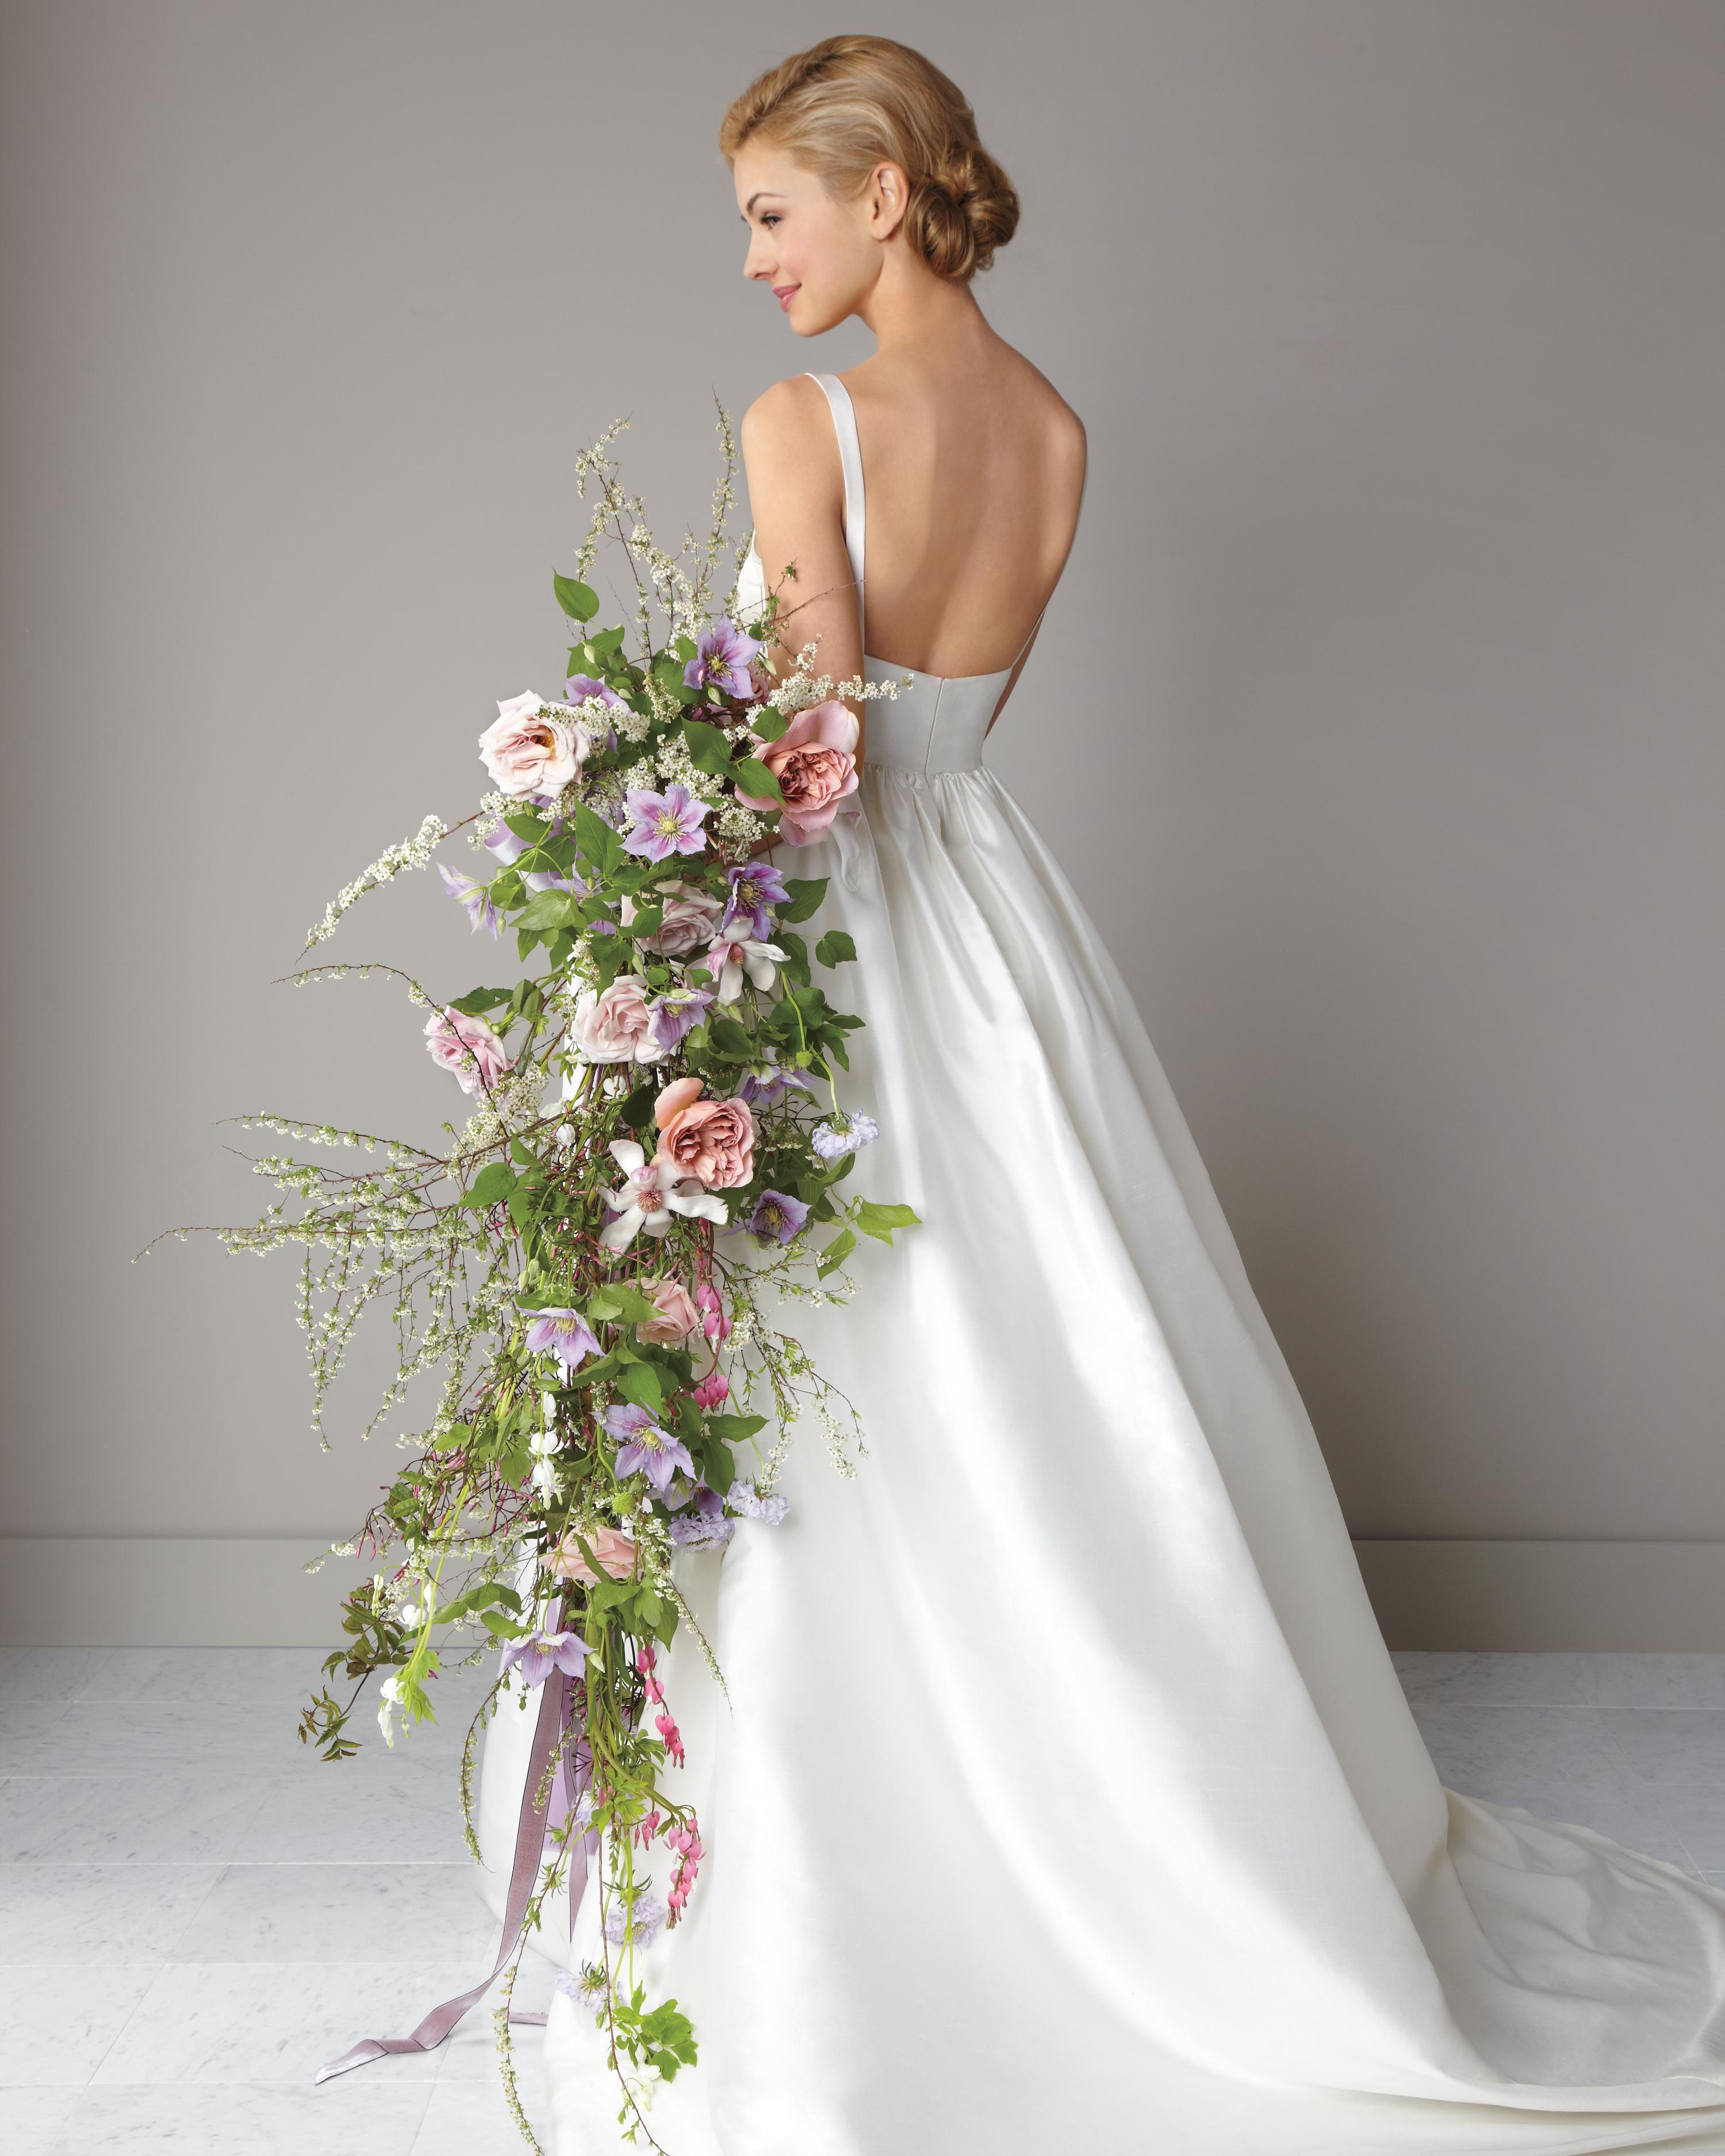 bouquet-235-mwd110197.jpg